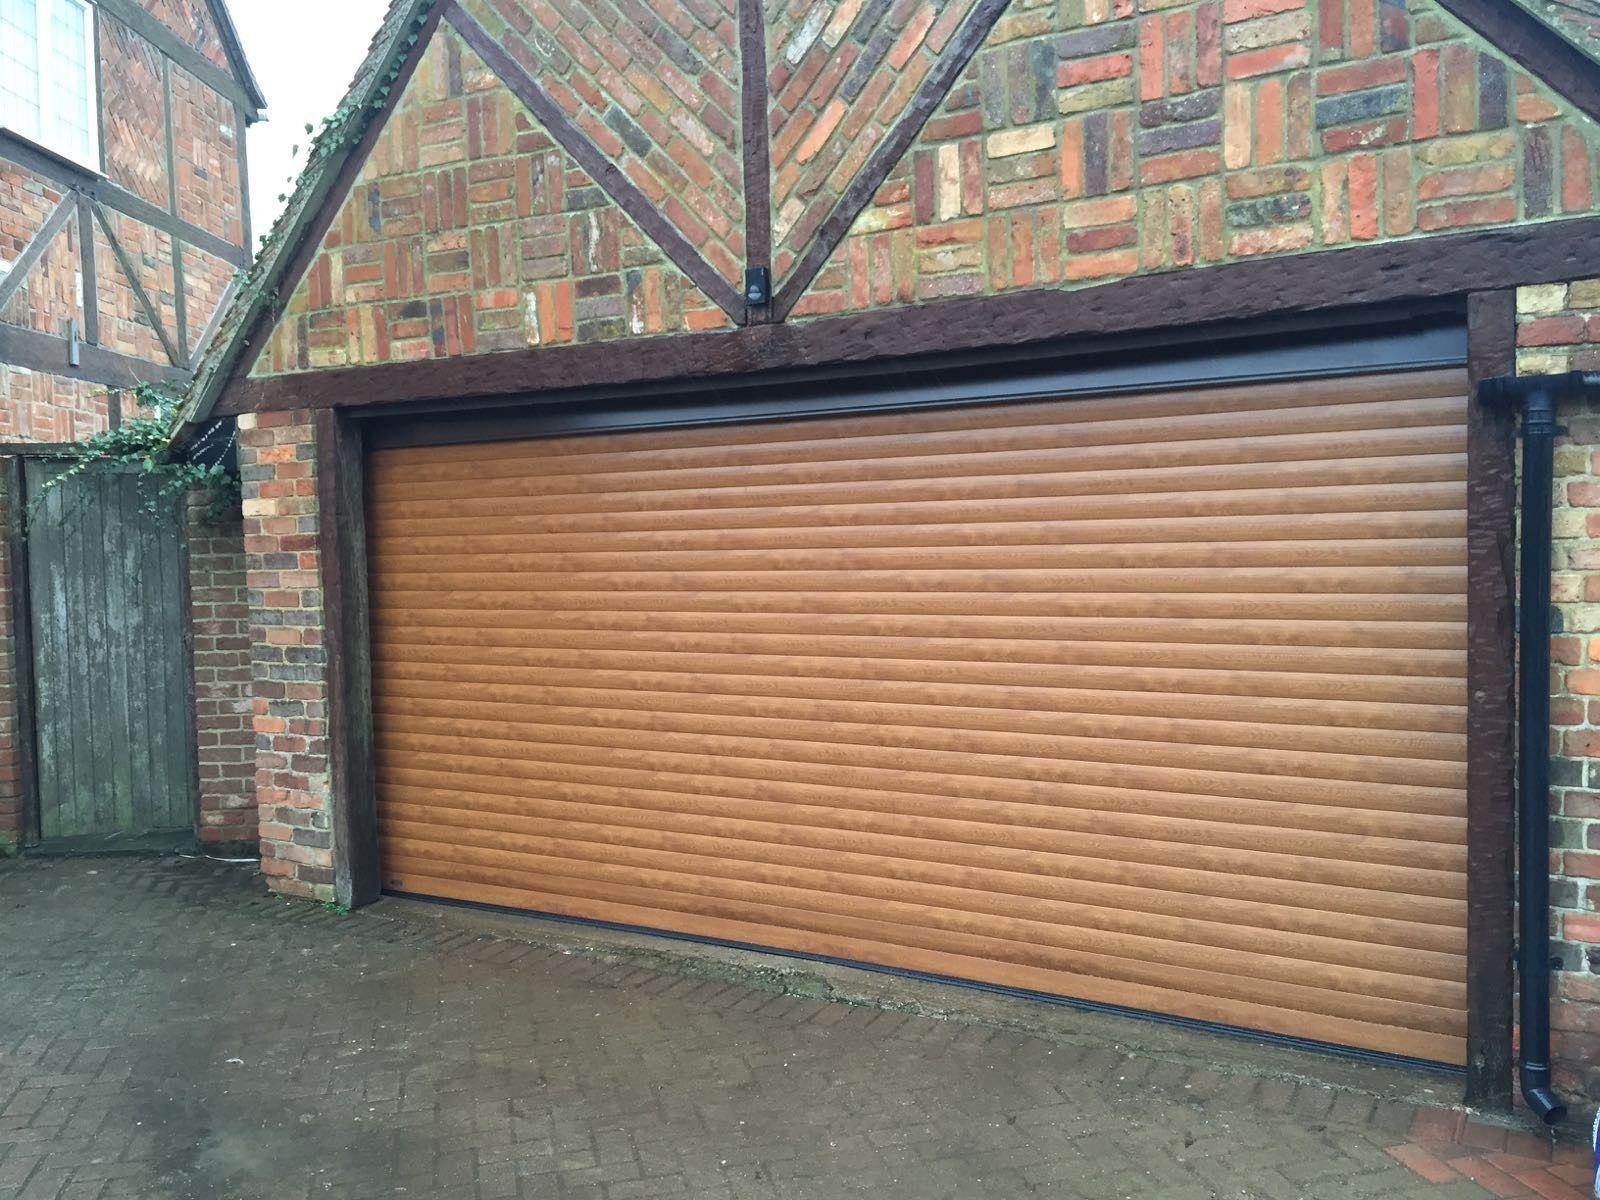 Oak Double Garage Doors Httpvoteno123 Pinterest Double